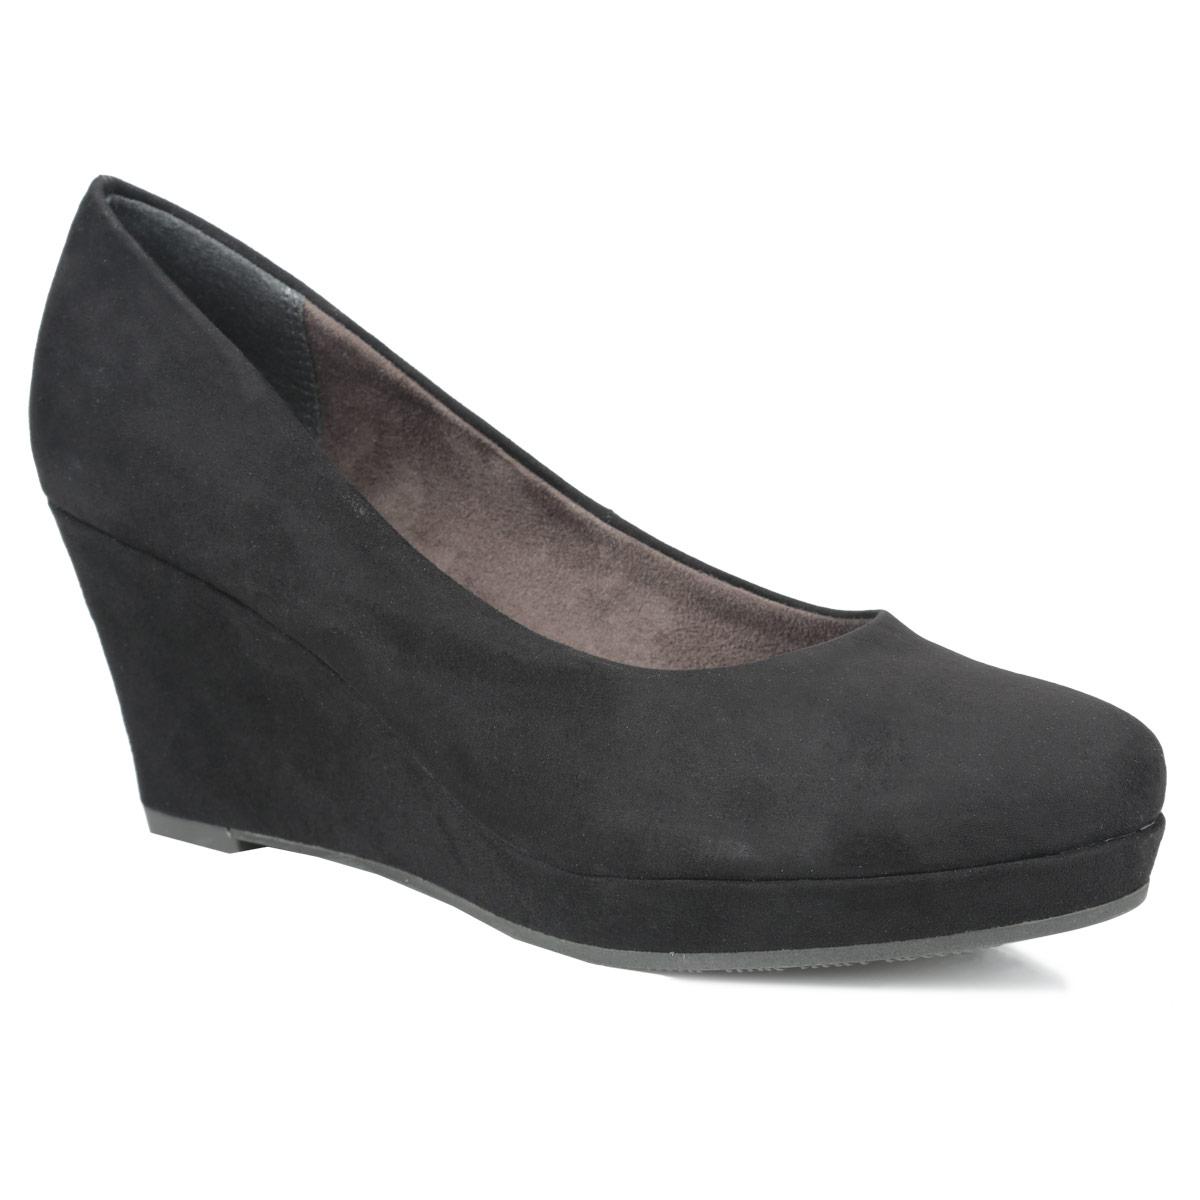 Туфли женские. 1-1-22449-25-0011-1-22449-25-001Роскошные туфли от Tamaris - незаменимая вещь в гардеробе настоящей модницы. Модель на скрытой танкетке выполнена из искусственной замши. Мягкая стелька из натуральной кожи обеспечивает комфорт и удобство при ходьбе. Рифленая поверхность подошвы защищает изделие от скольжения. Трендовые туфли помогут вам создать яркий, запоминающийся образ.